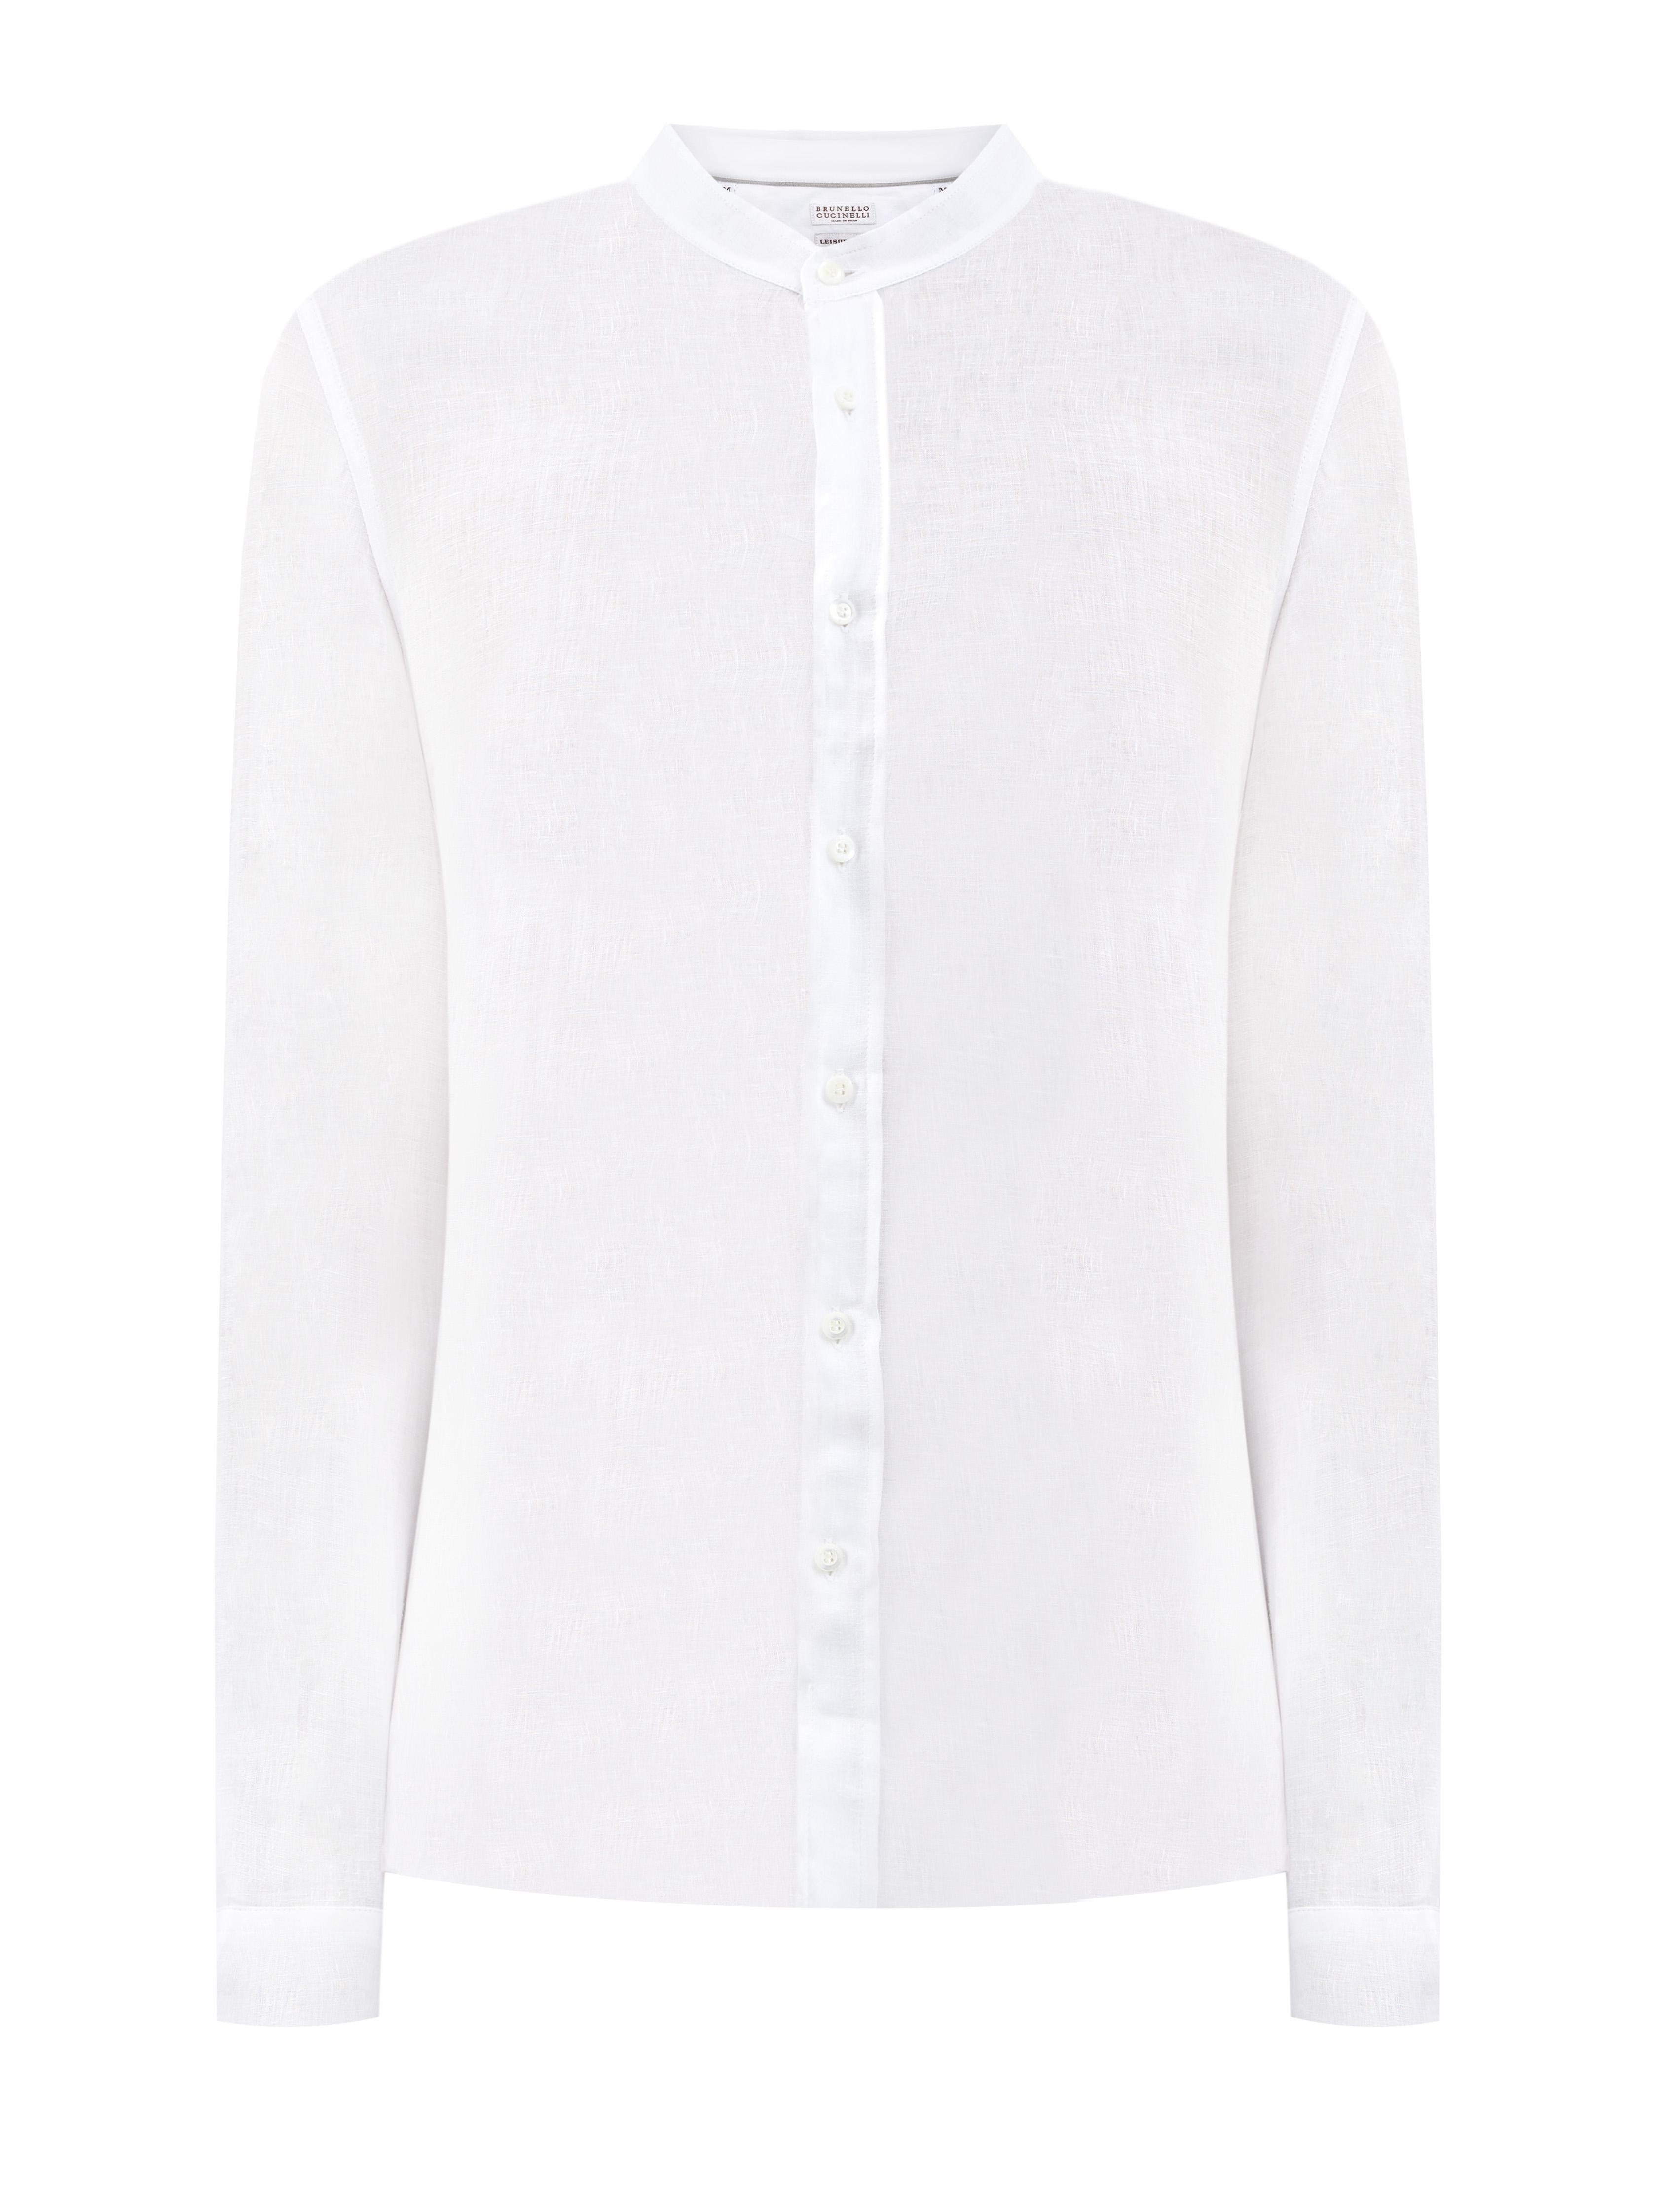 Белая рубашка из дышащей льняной ткани